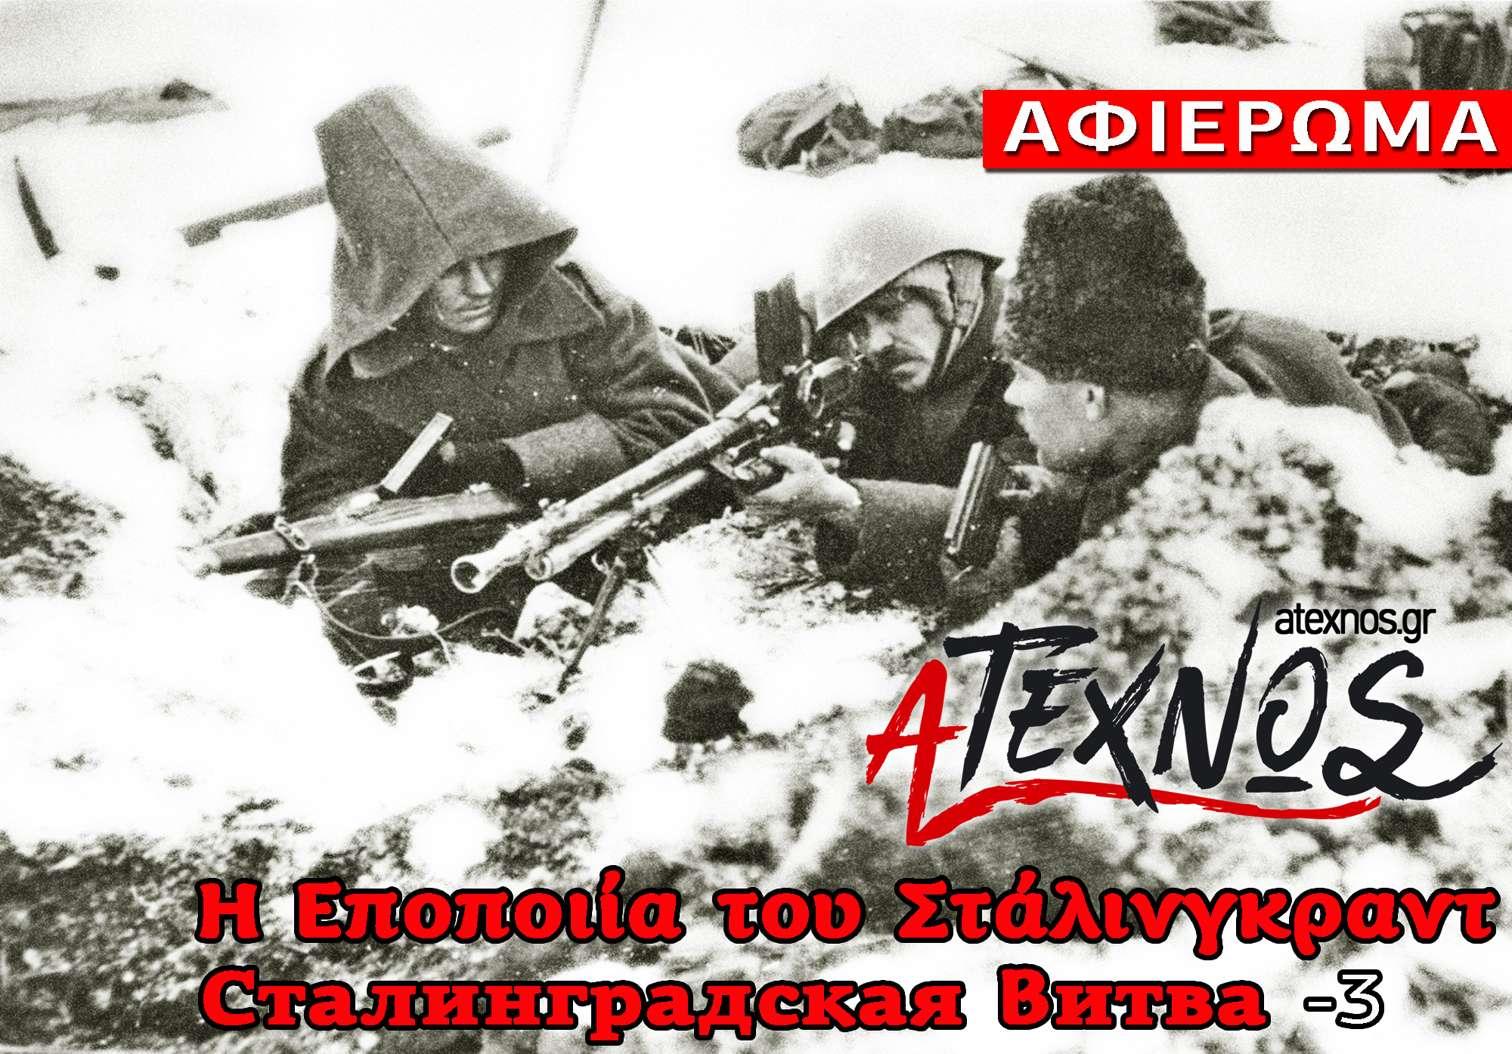 Ατέχνως Εποποιία του Στάλινγκραντ Сталинградская битва